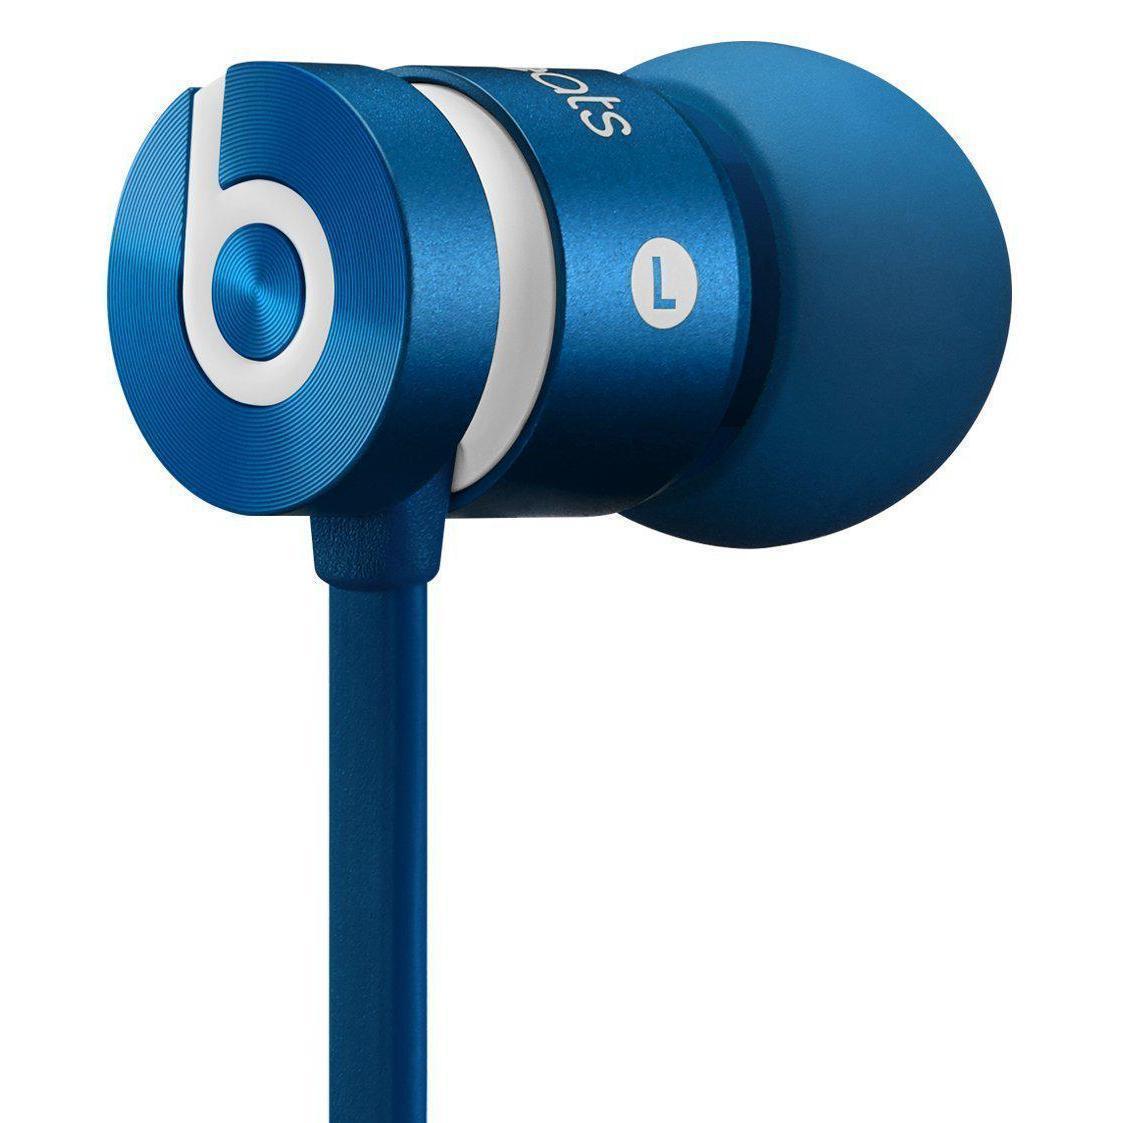 Écouteurs Beats Urbeats - Bleu